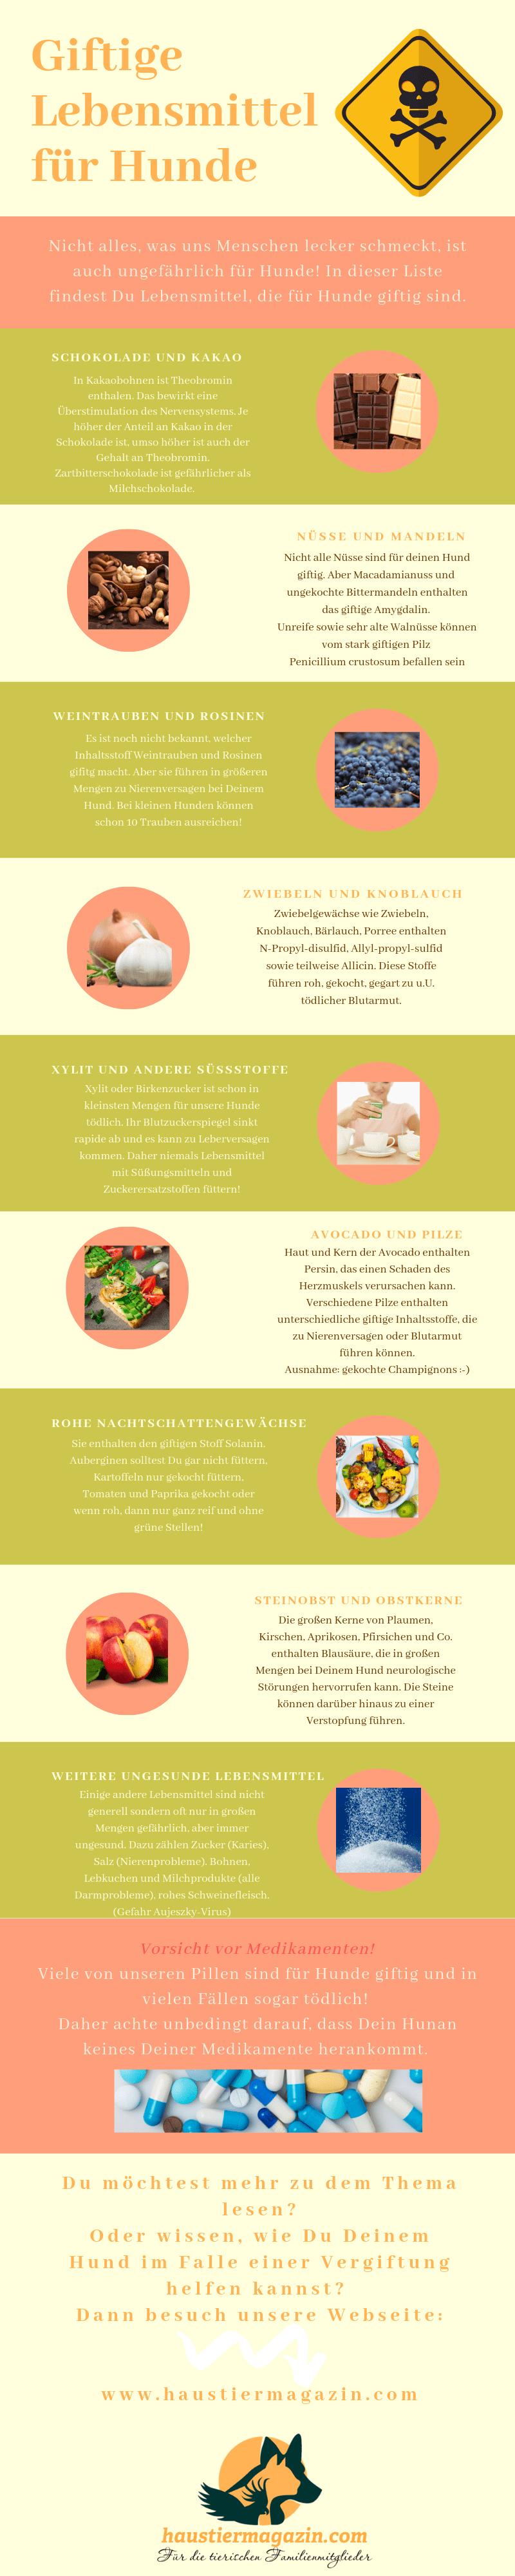 Infografik mit Bildern und Beschreibungen zu den giftigen Lebensmitteln für Hunde.